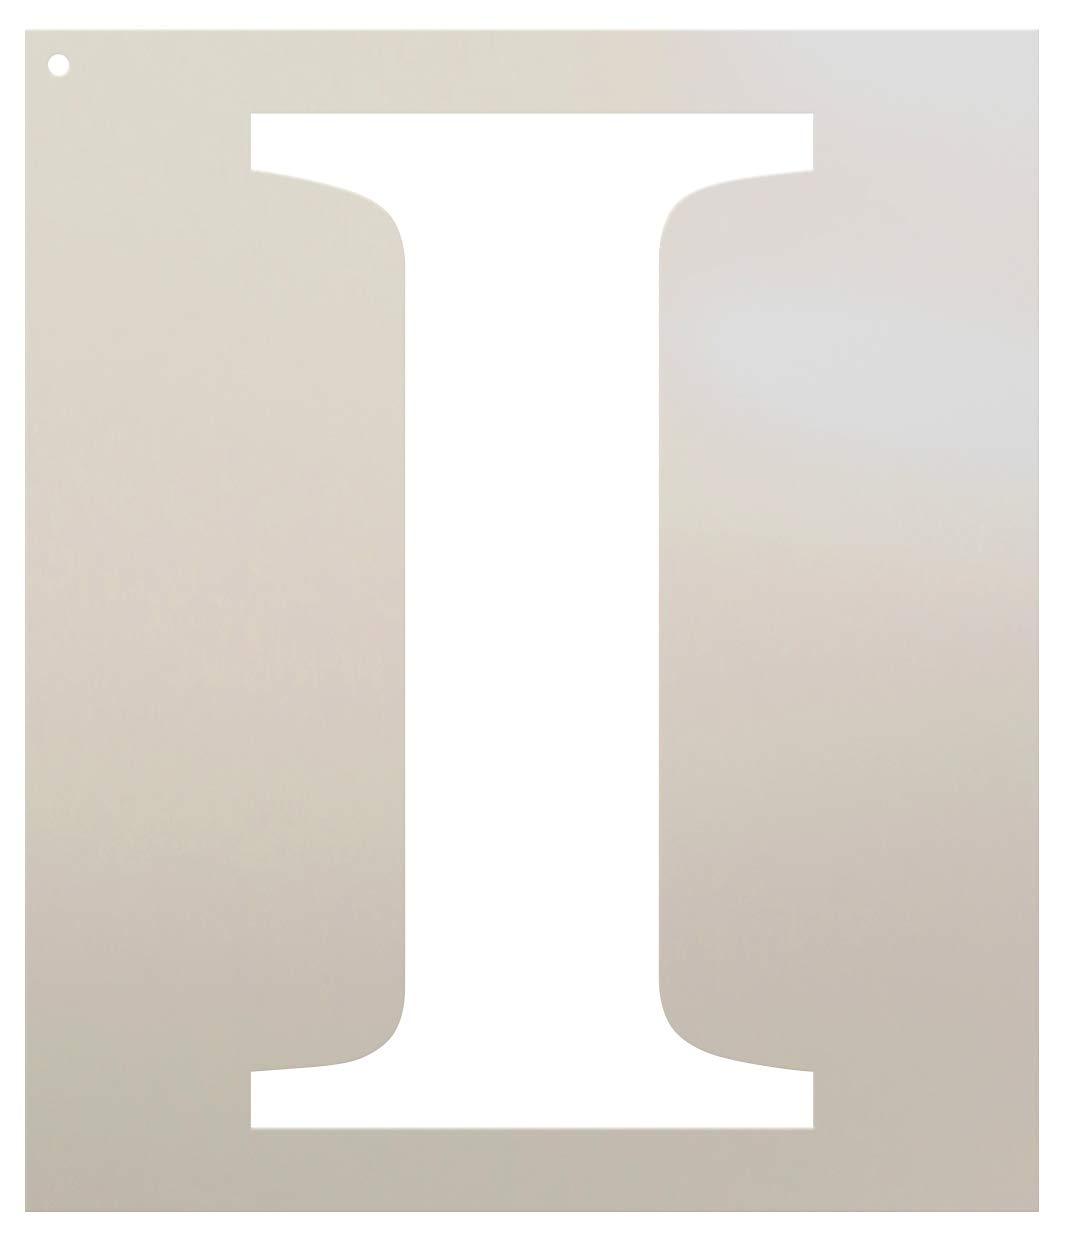 StudioR12 クラシックセリフレターステンシル - I - 8インチ - STCL1722_1 B077G81LBS